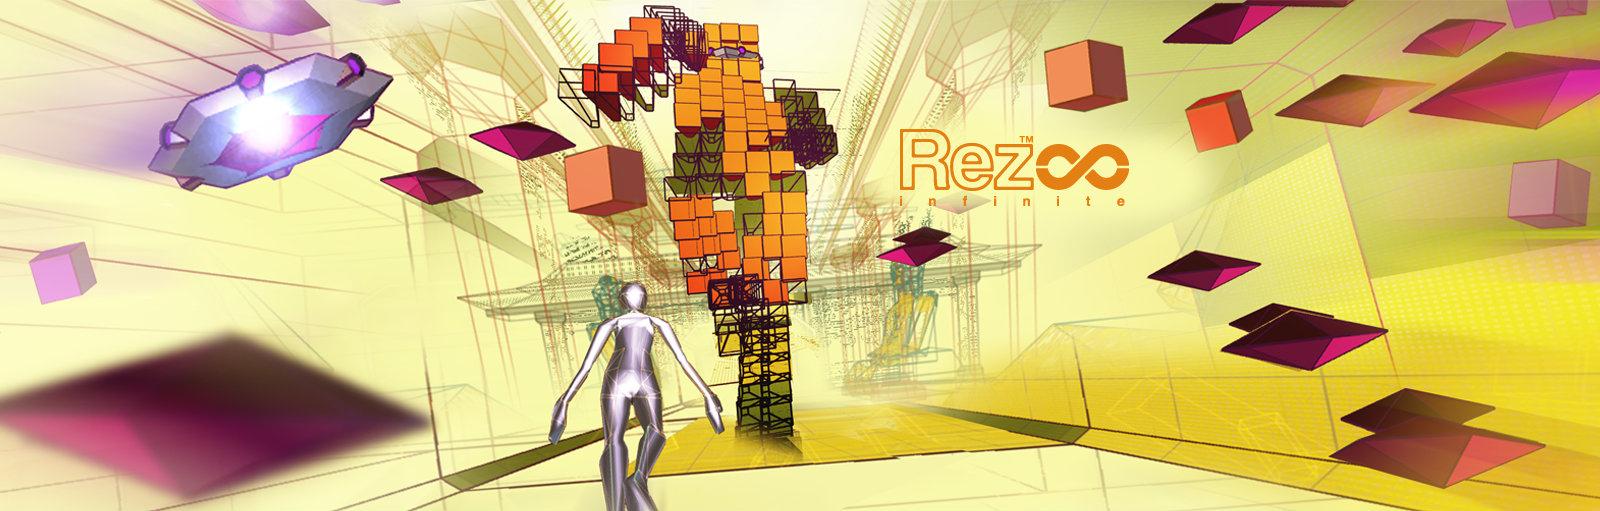 Rez Infinite logo banner